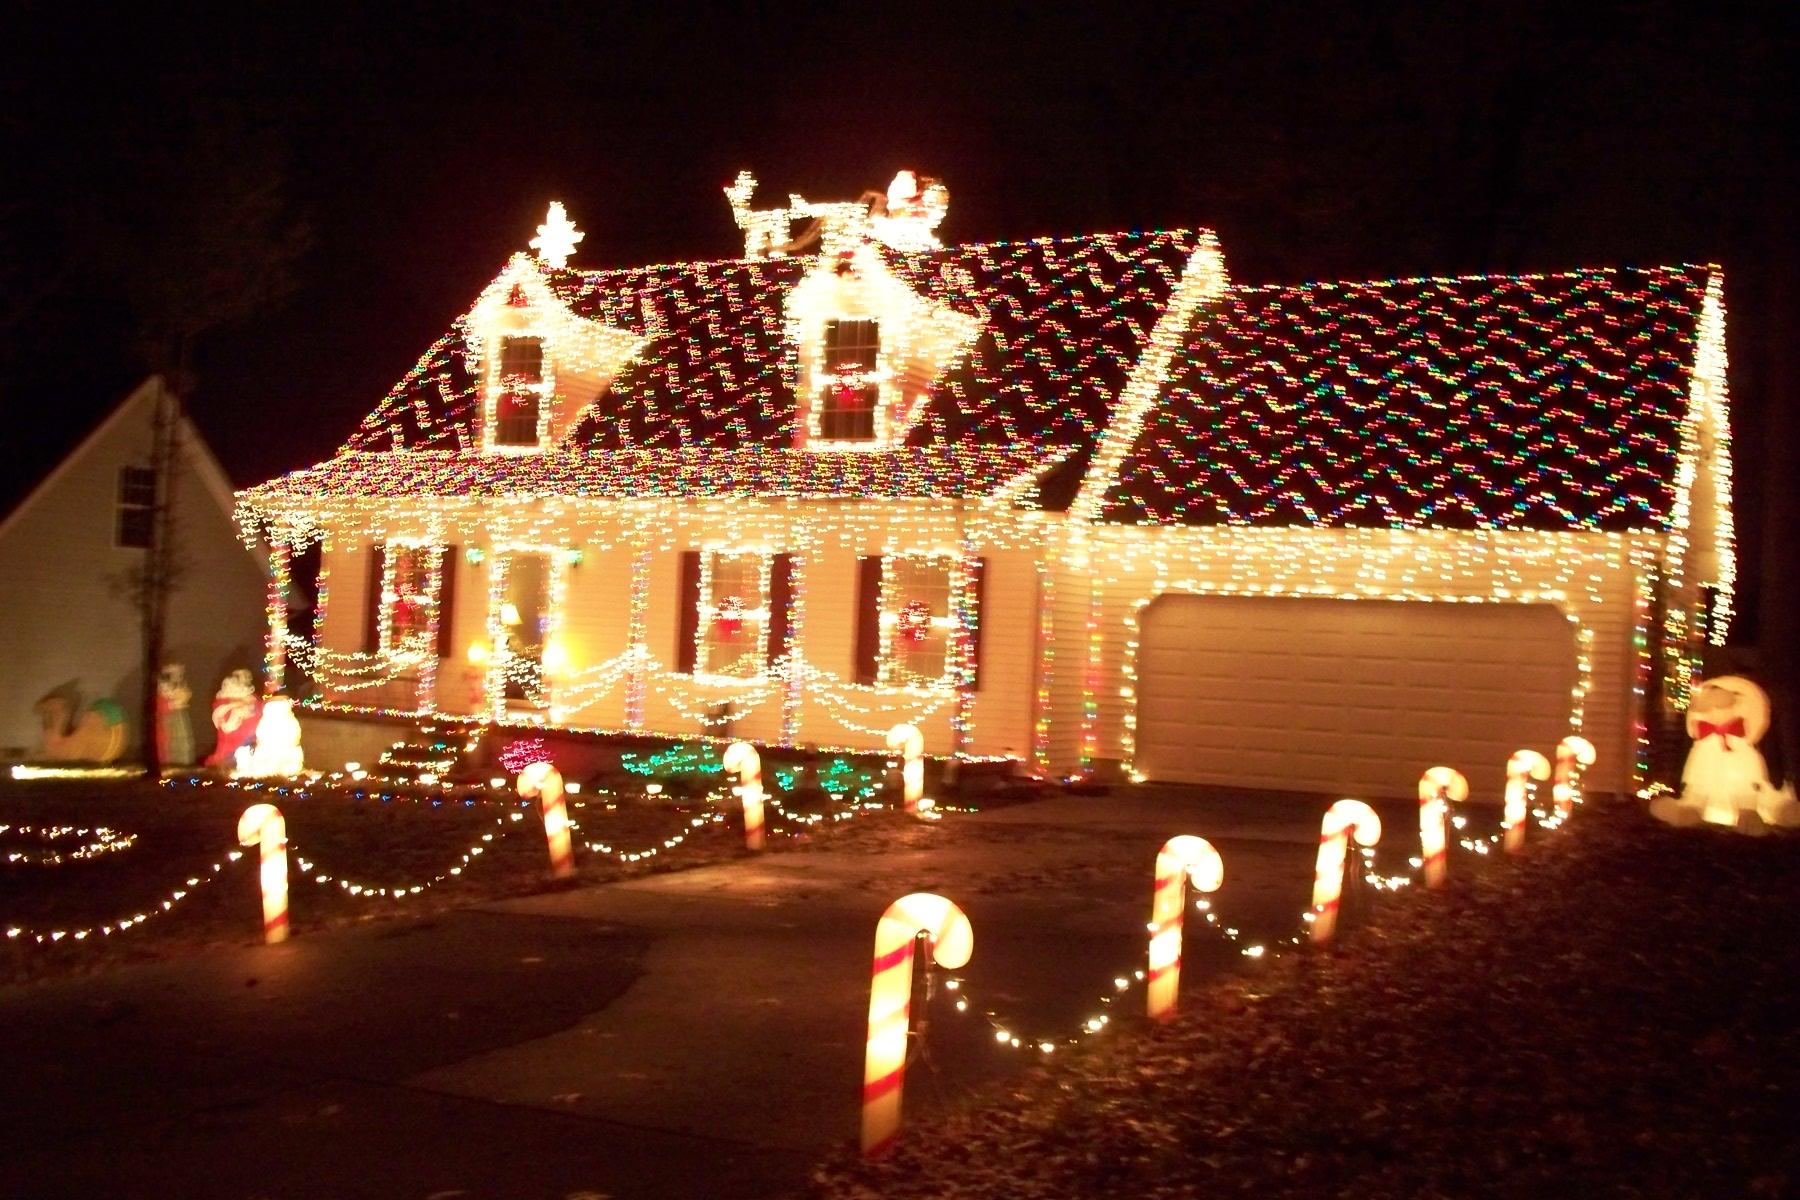 Xmas Roof Lights